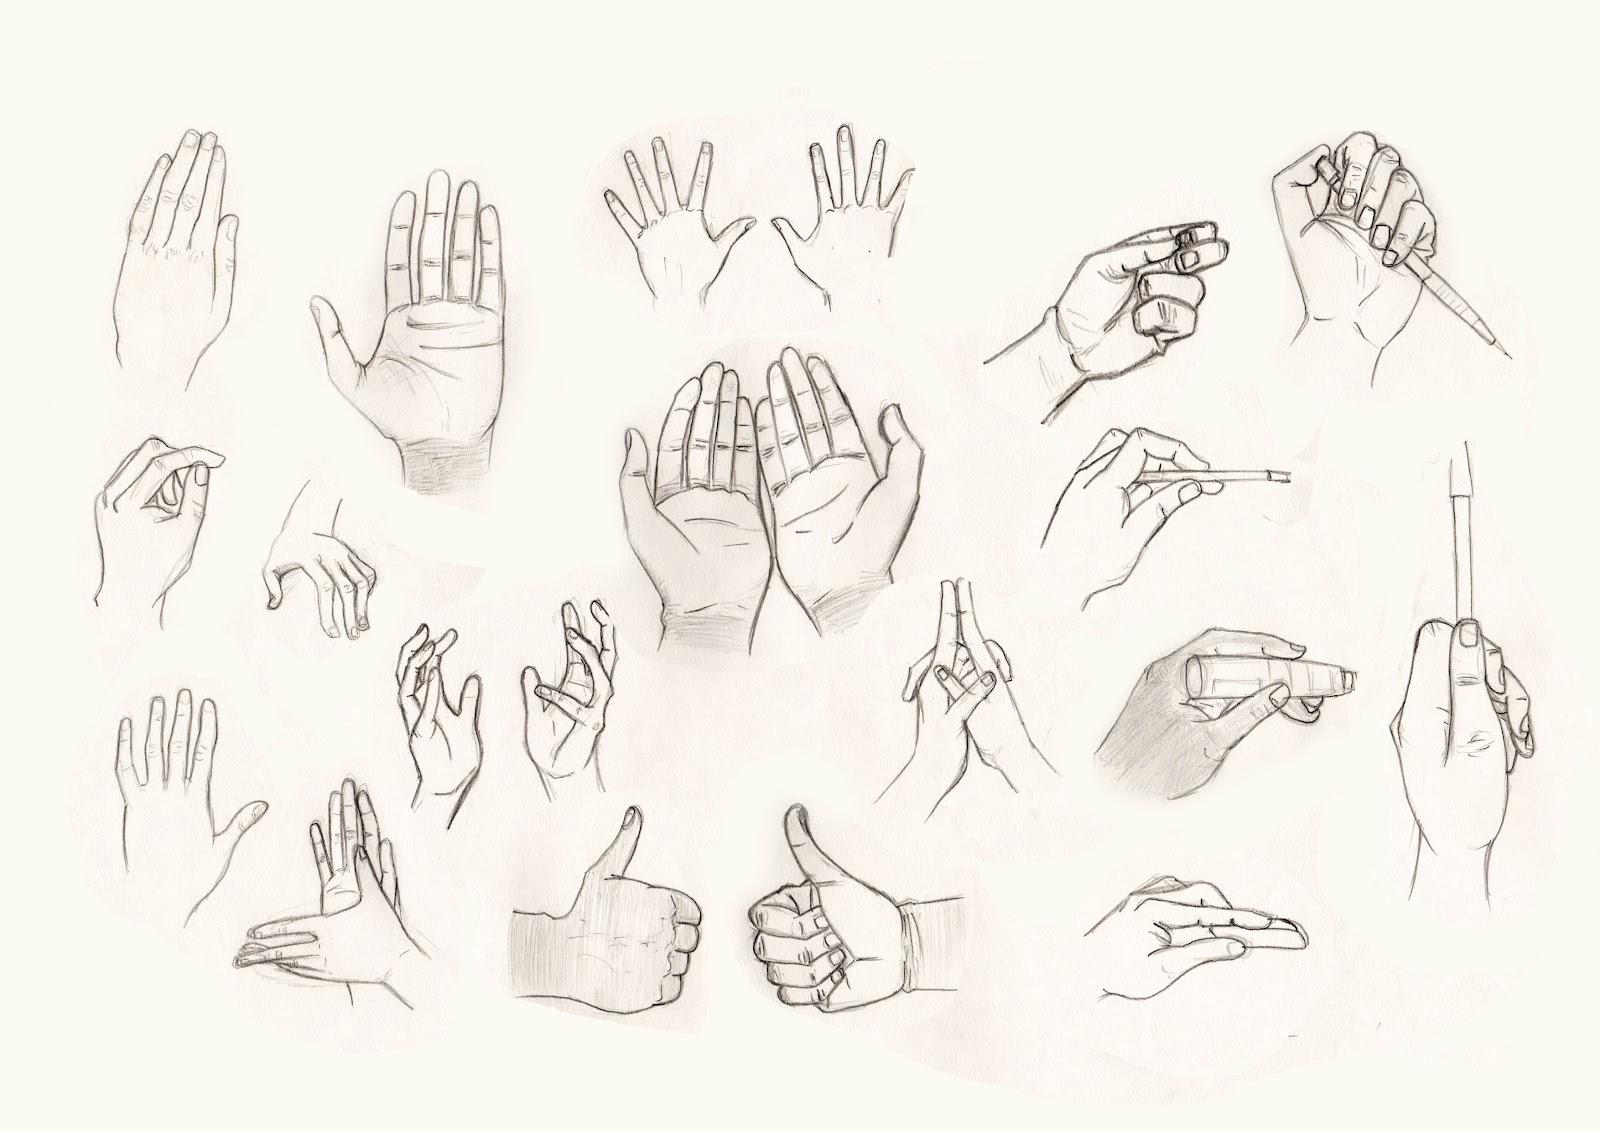 Jam art croquis de mains et de pieds - Dessin de mains ...